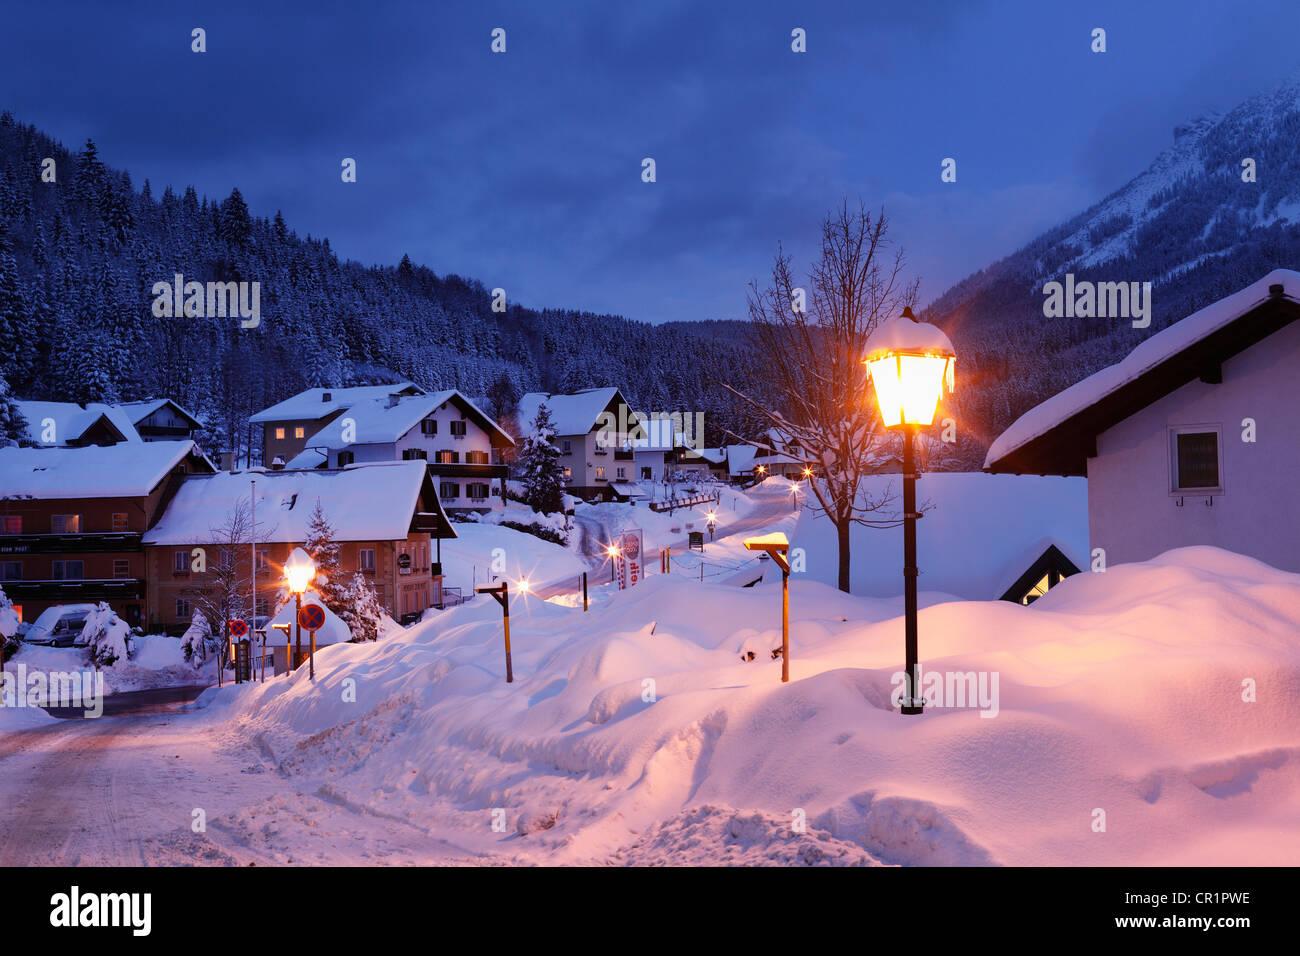 Lackenhof, community of Gaming, Mostviertel, Must Quarter, Lower Austria, Austria, Europe - Stock Image